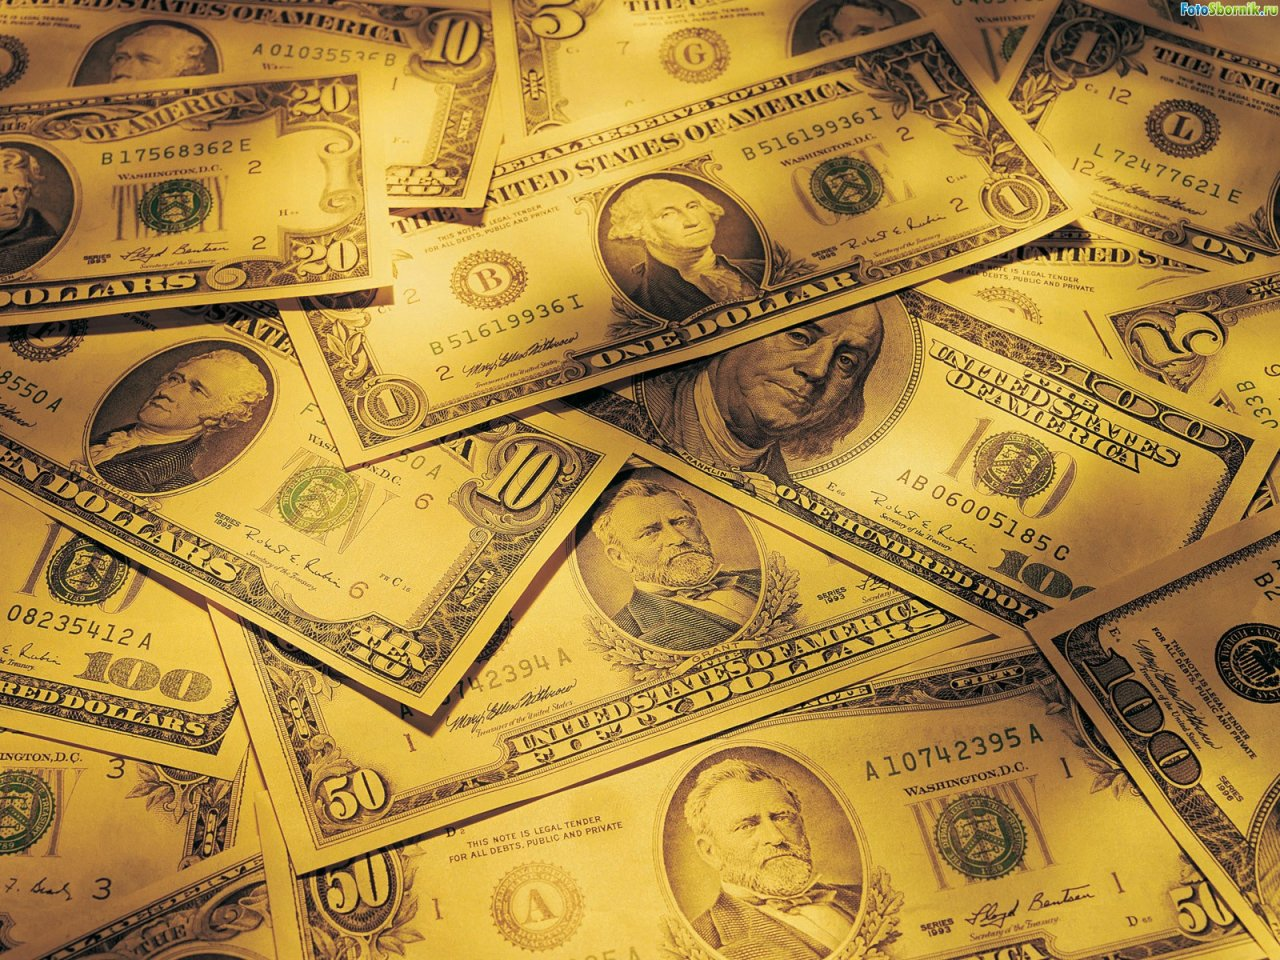 fotosbornik ru 3578 - Инвесторы в панике: Сургутнефтегаз может попасть под ужесточенные санкции США и не сможет производить расчеты в долларах